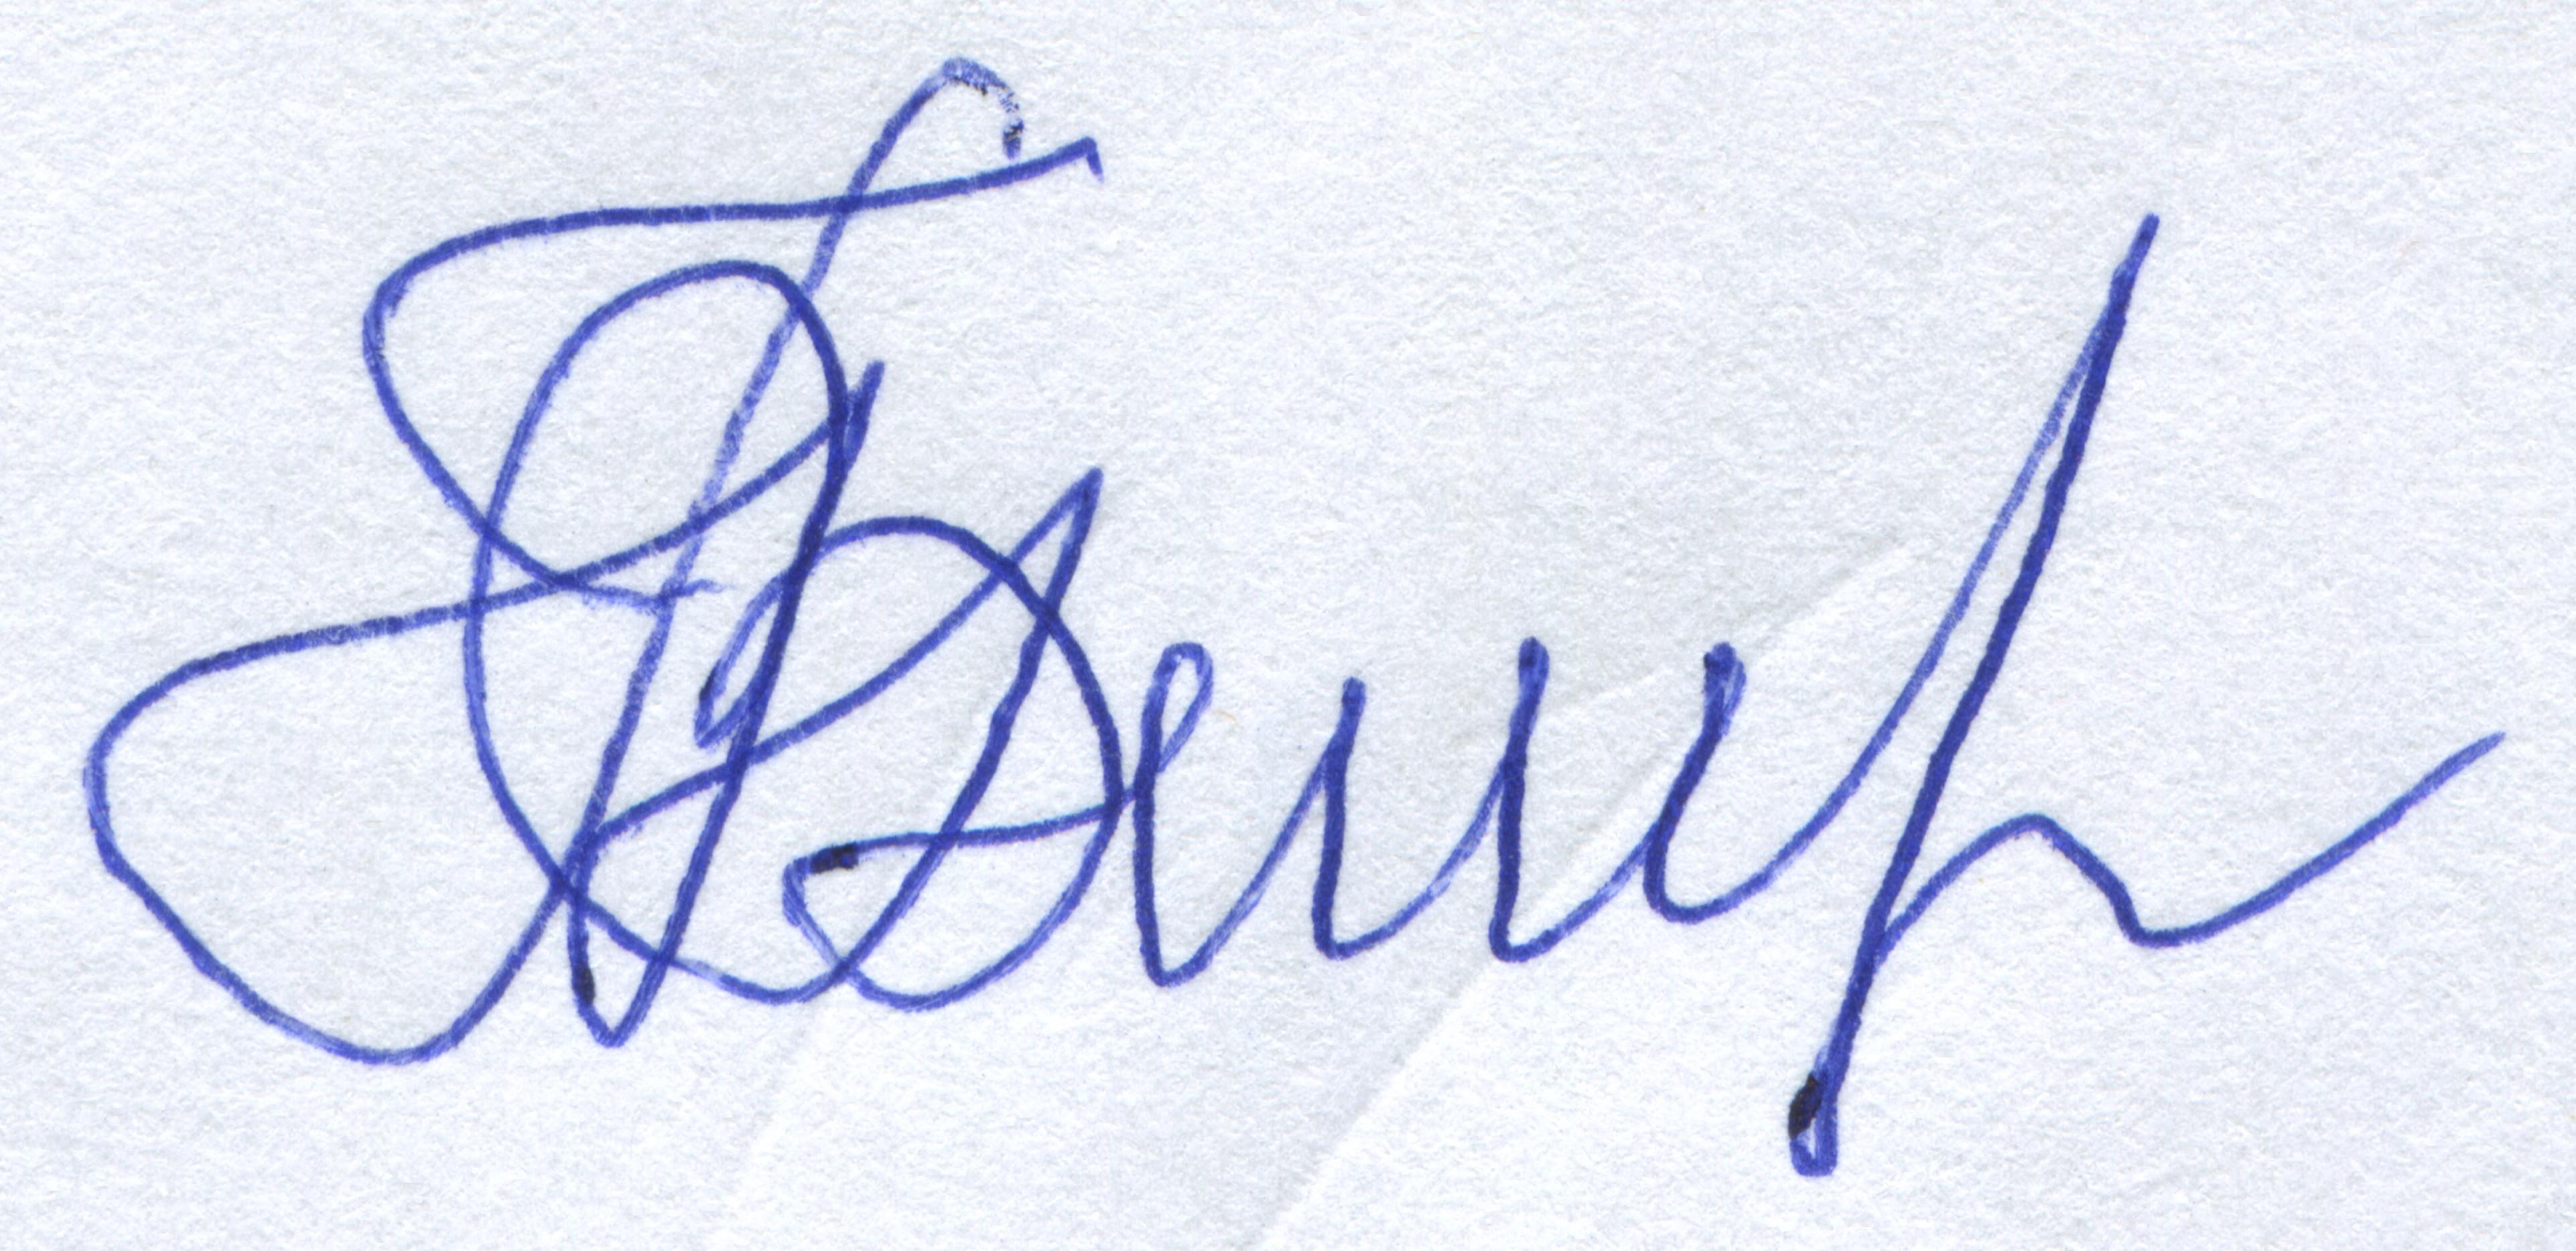 Делать красивые подписи на фото